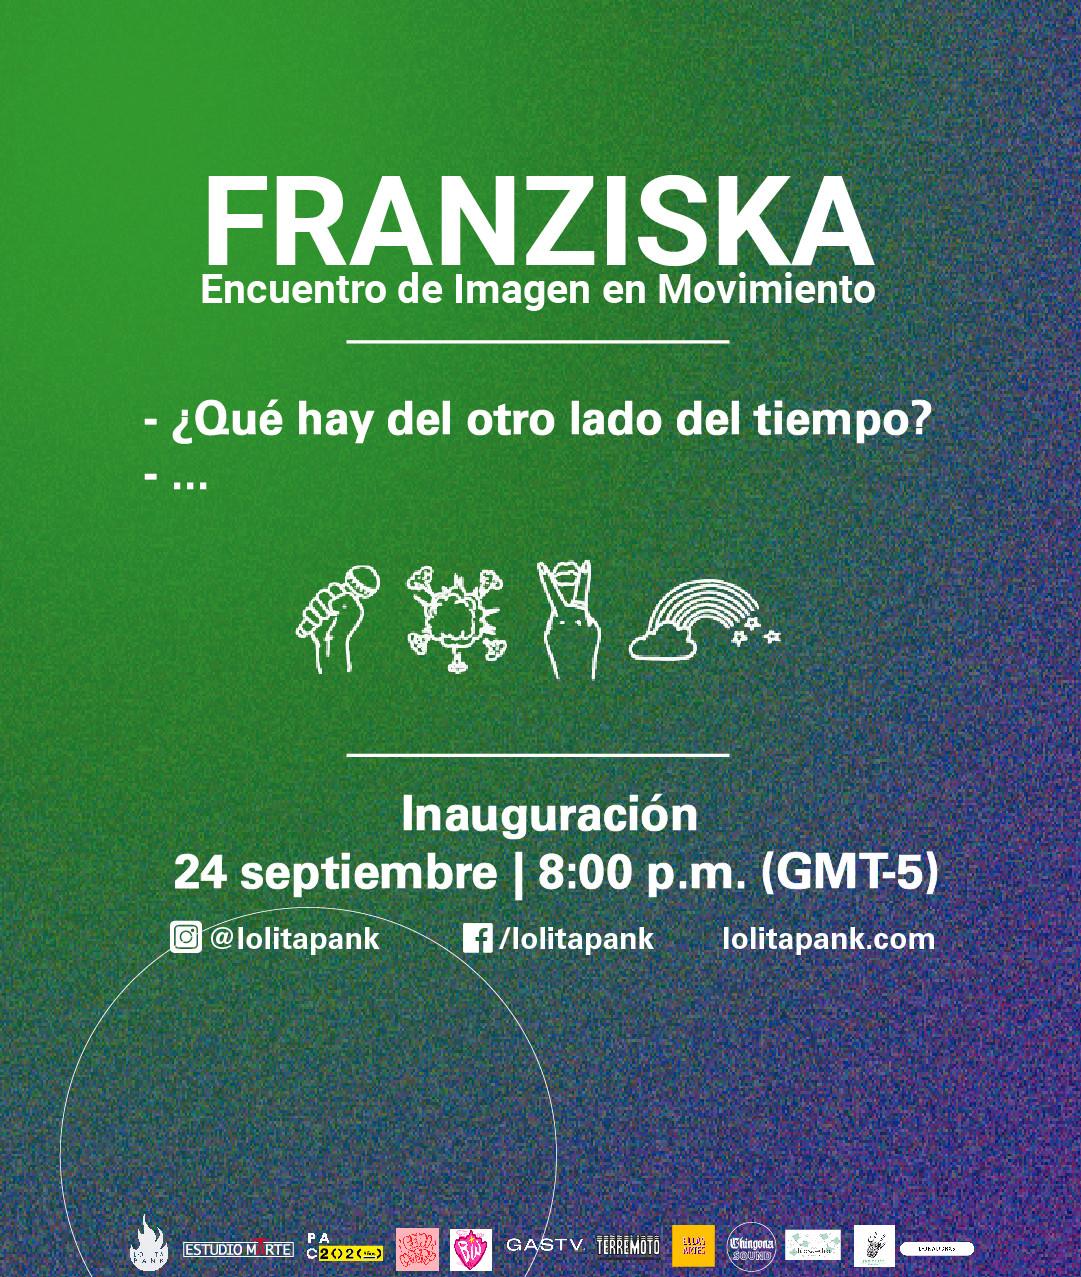 Inauguración_Franziska_2020